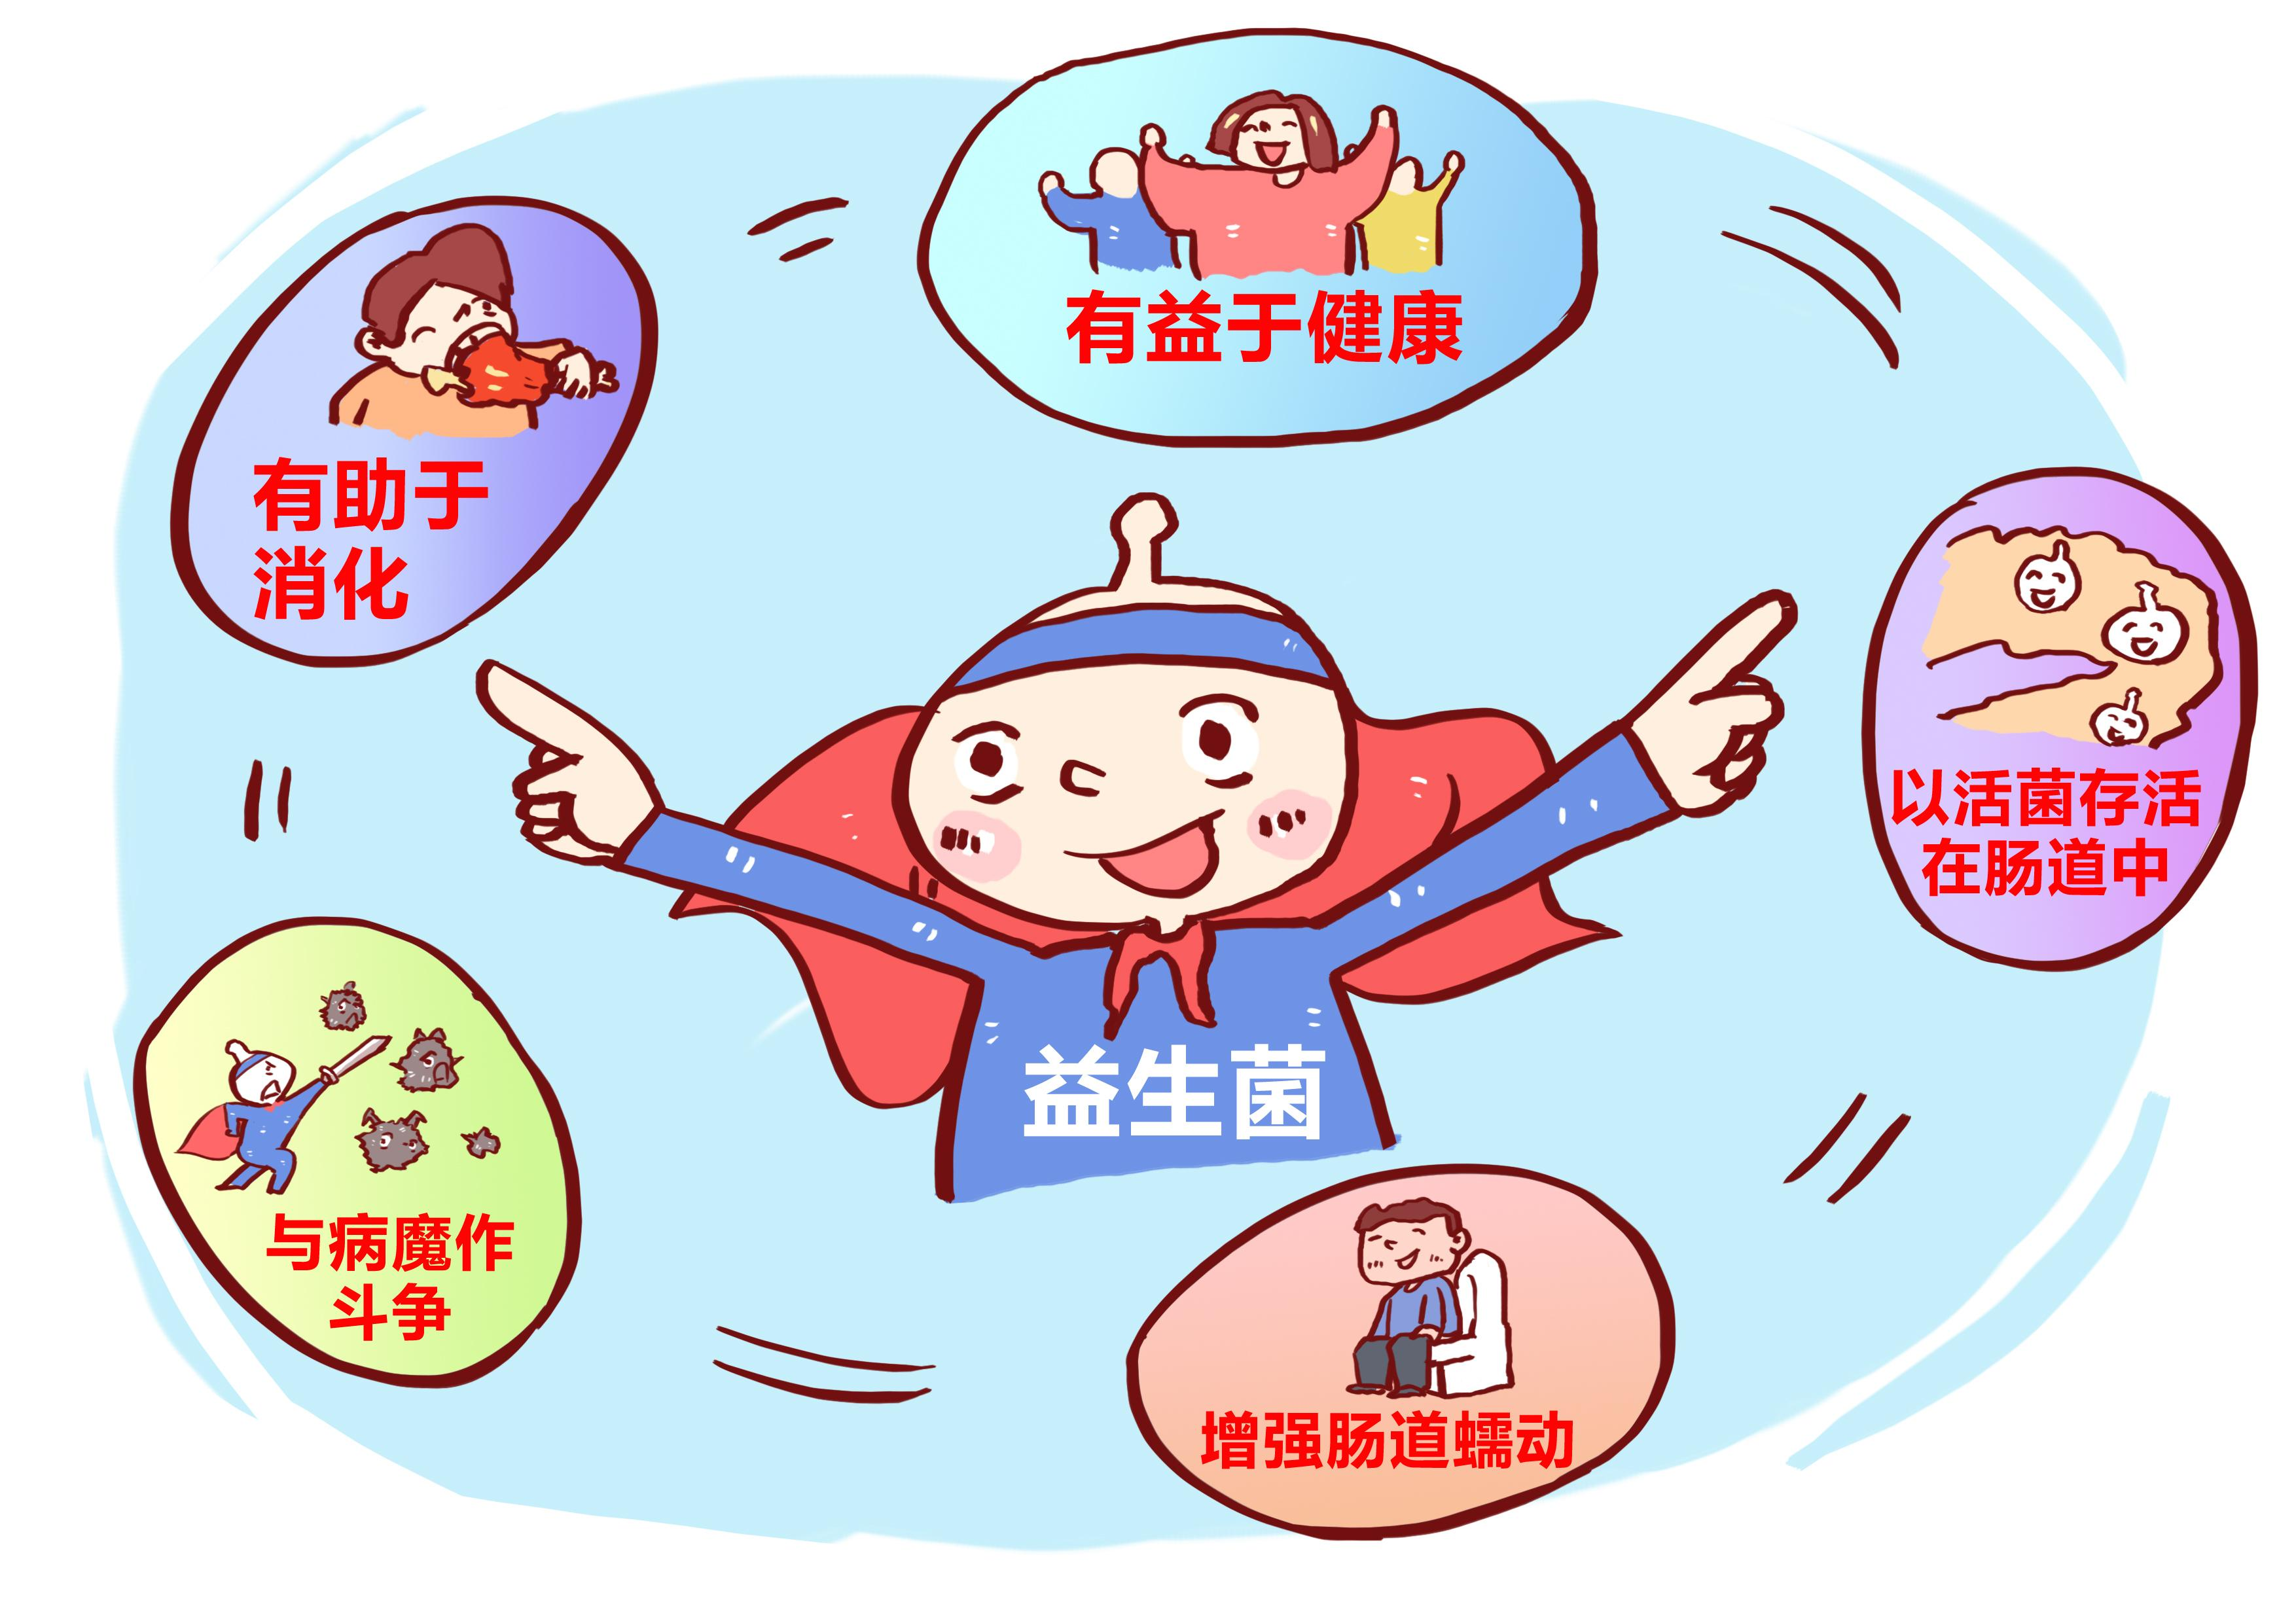 复合益生菌促进功能食品发展-www.bncc.org.cn北纳生物